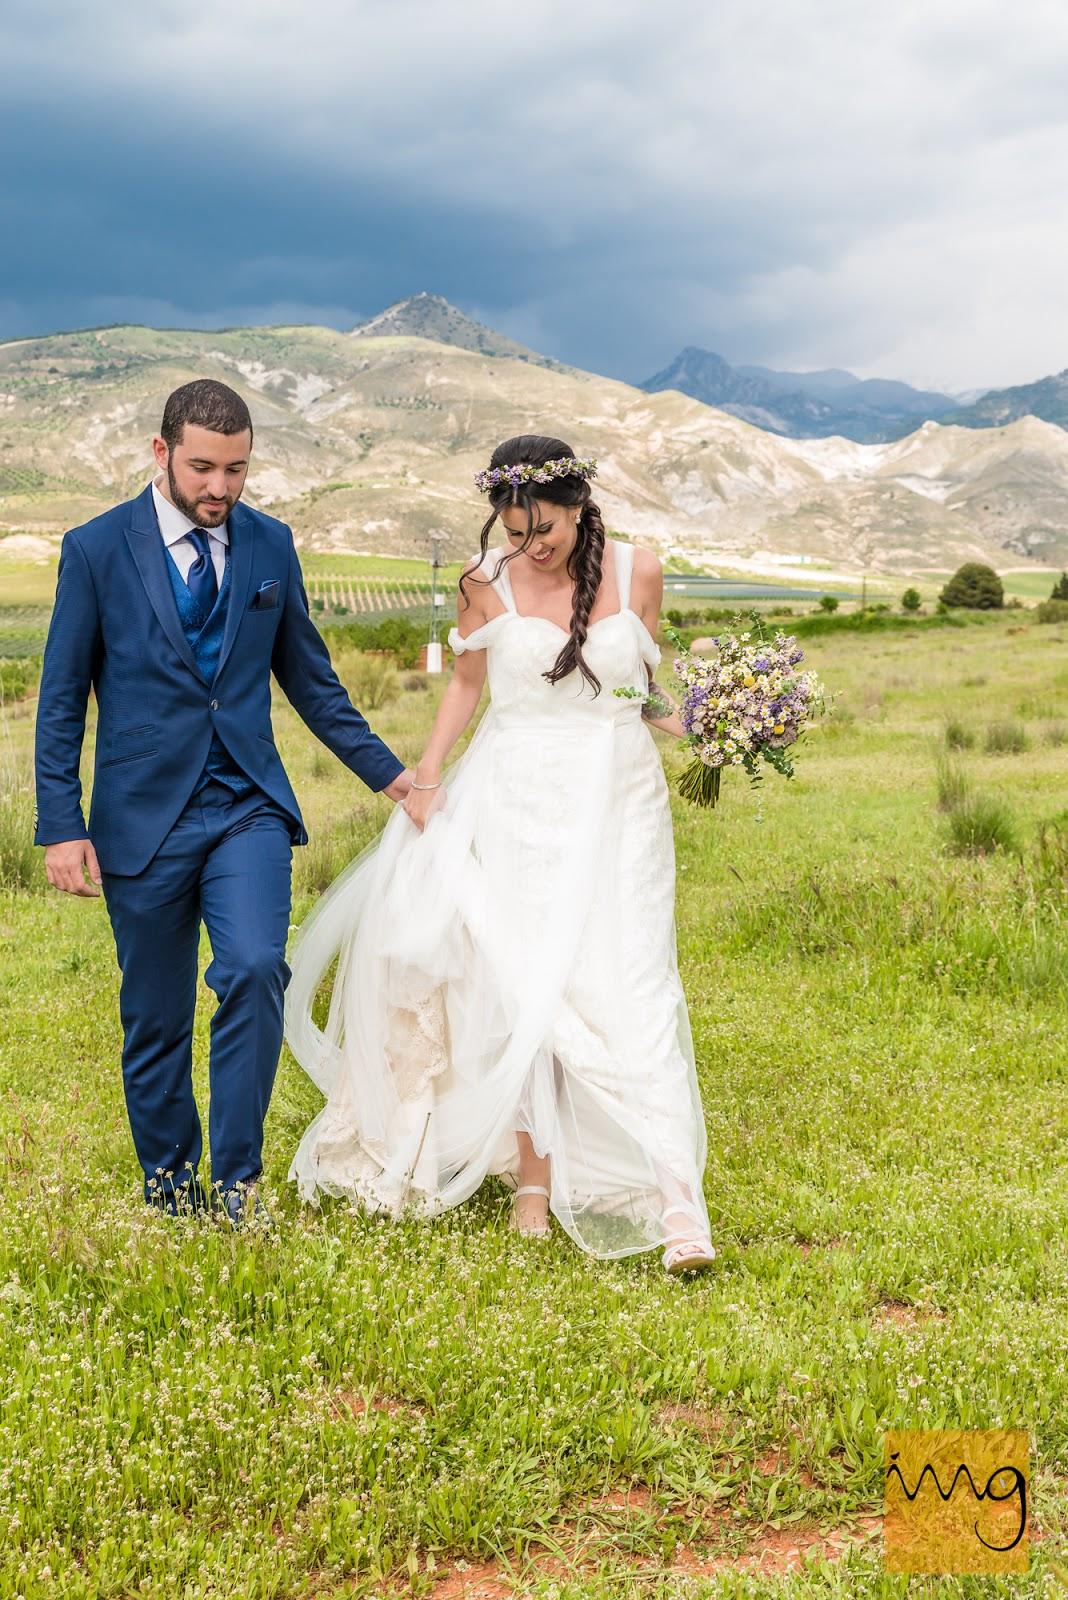 Reportaje de boda estilo fotoperiodístico en Granada